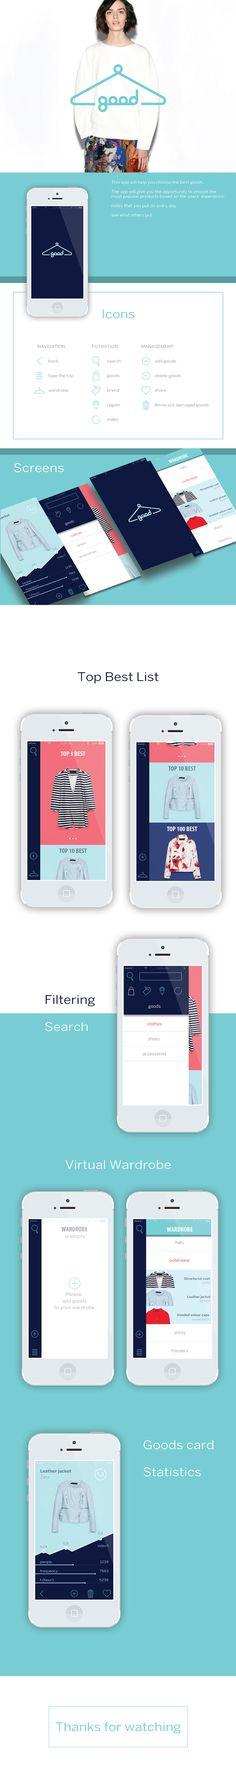 Bi부터 딱 옷에 관련한 어플 같고 아이콘도 깔끔하게 잘 정돈되어 디자인 된것 같다. 브랜드 아이덴티티 색감도 잘 보여지는 것 같다.